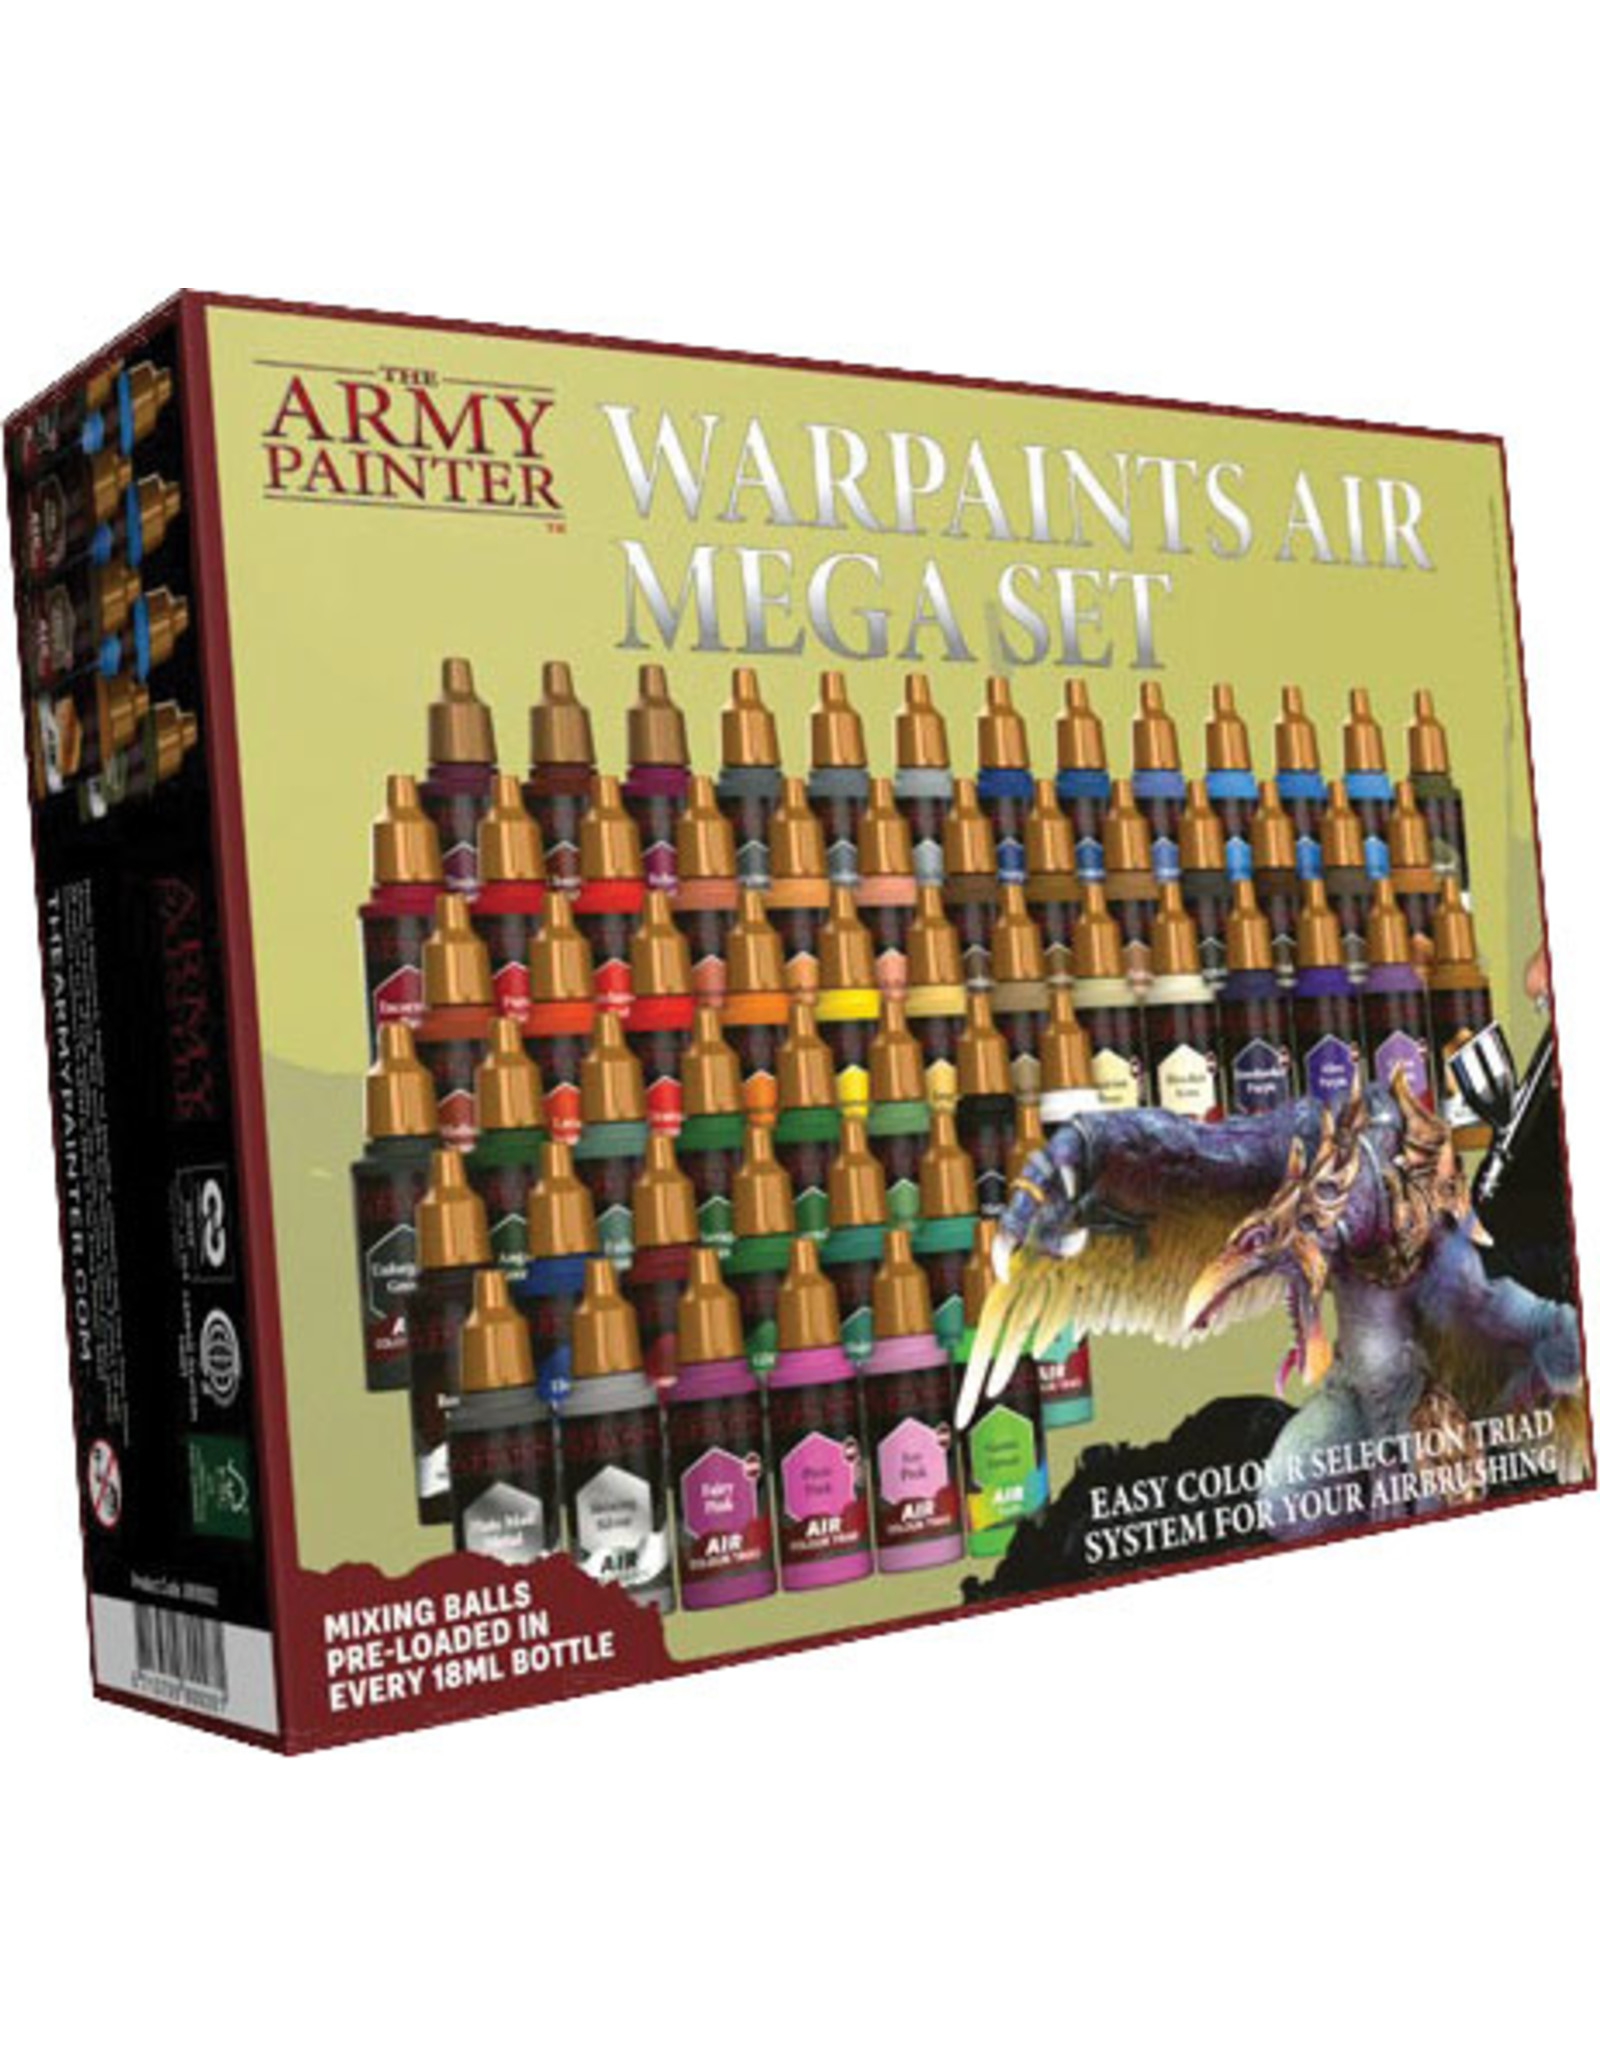 Army Painter Warpaints Air: Mega Set (Sep 2021)